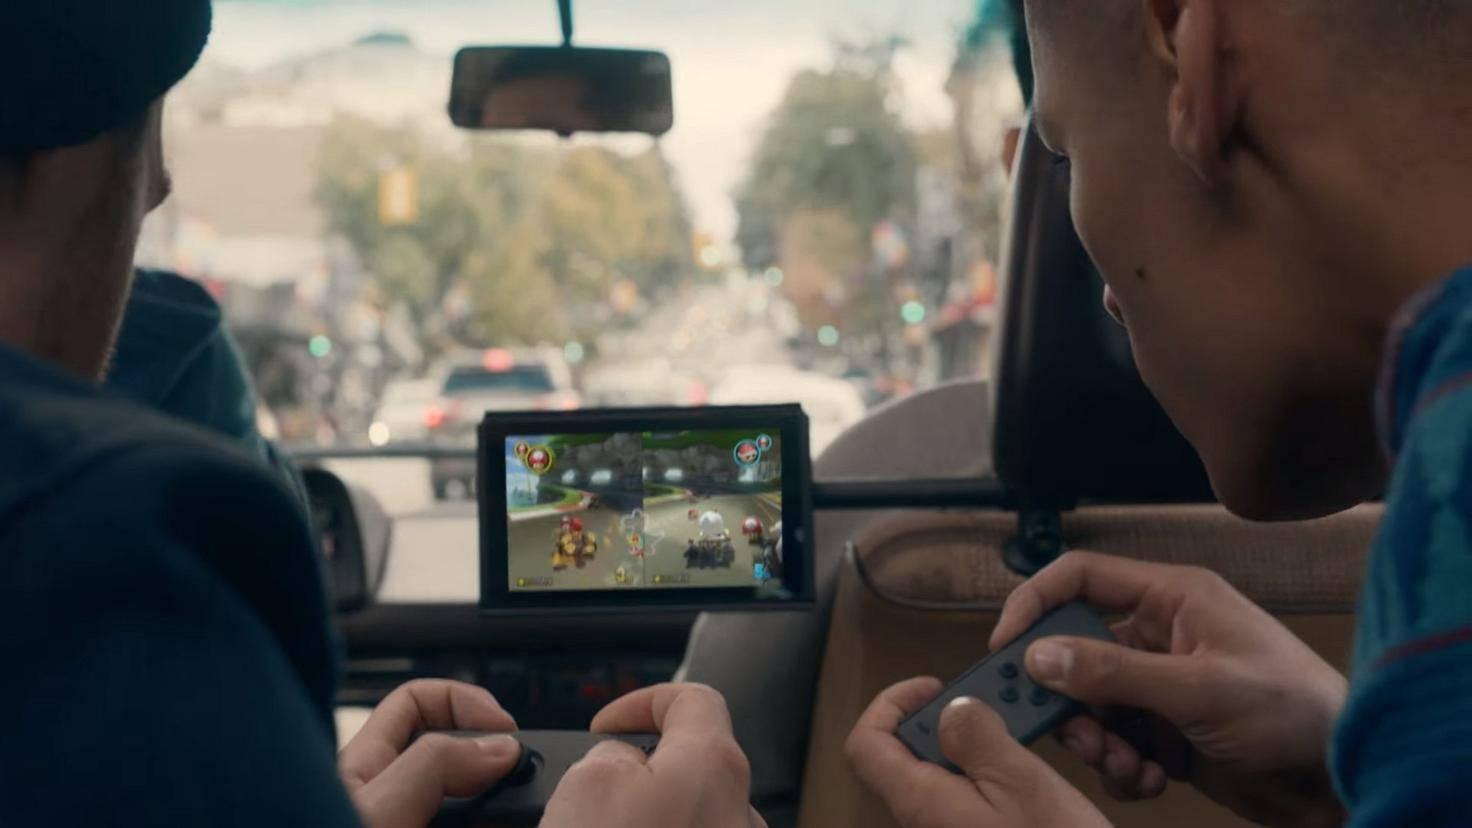 Nintendo Switch NX